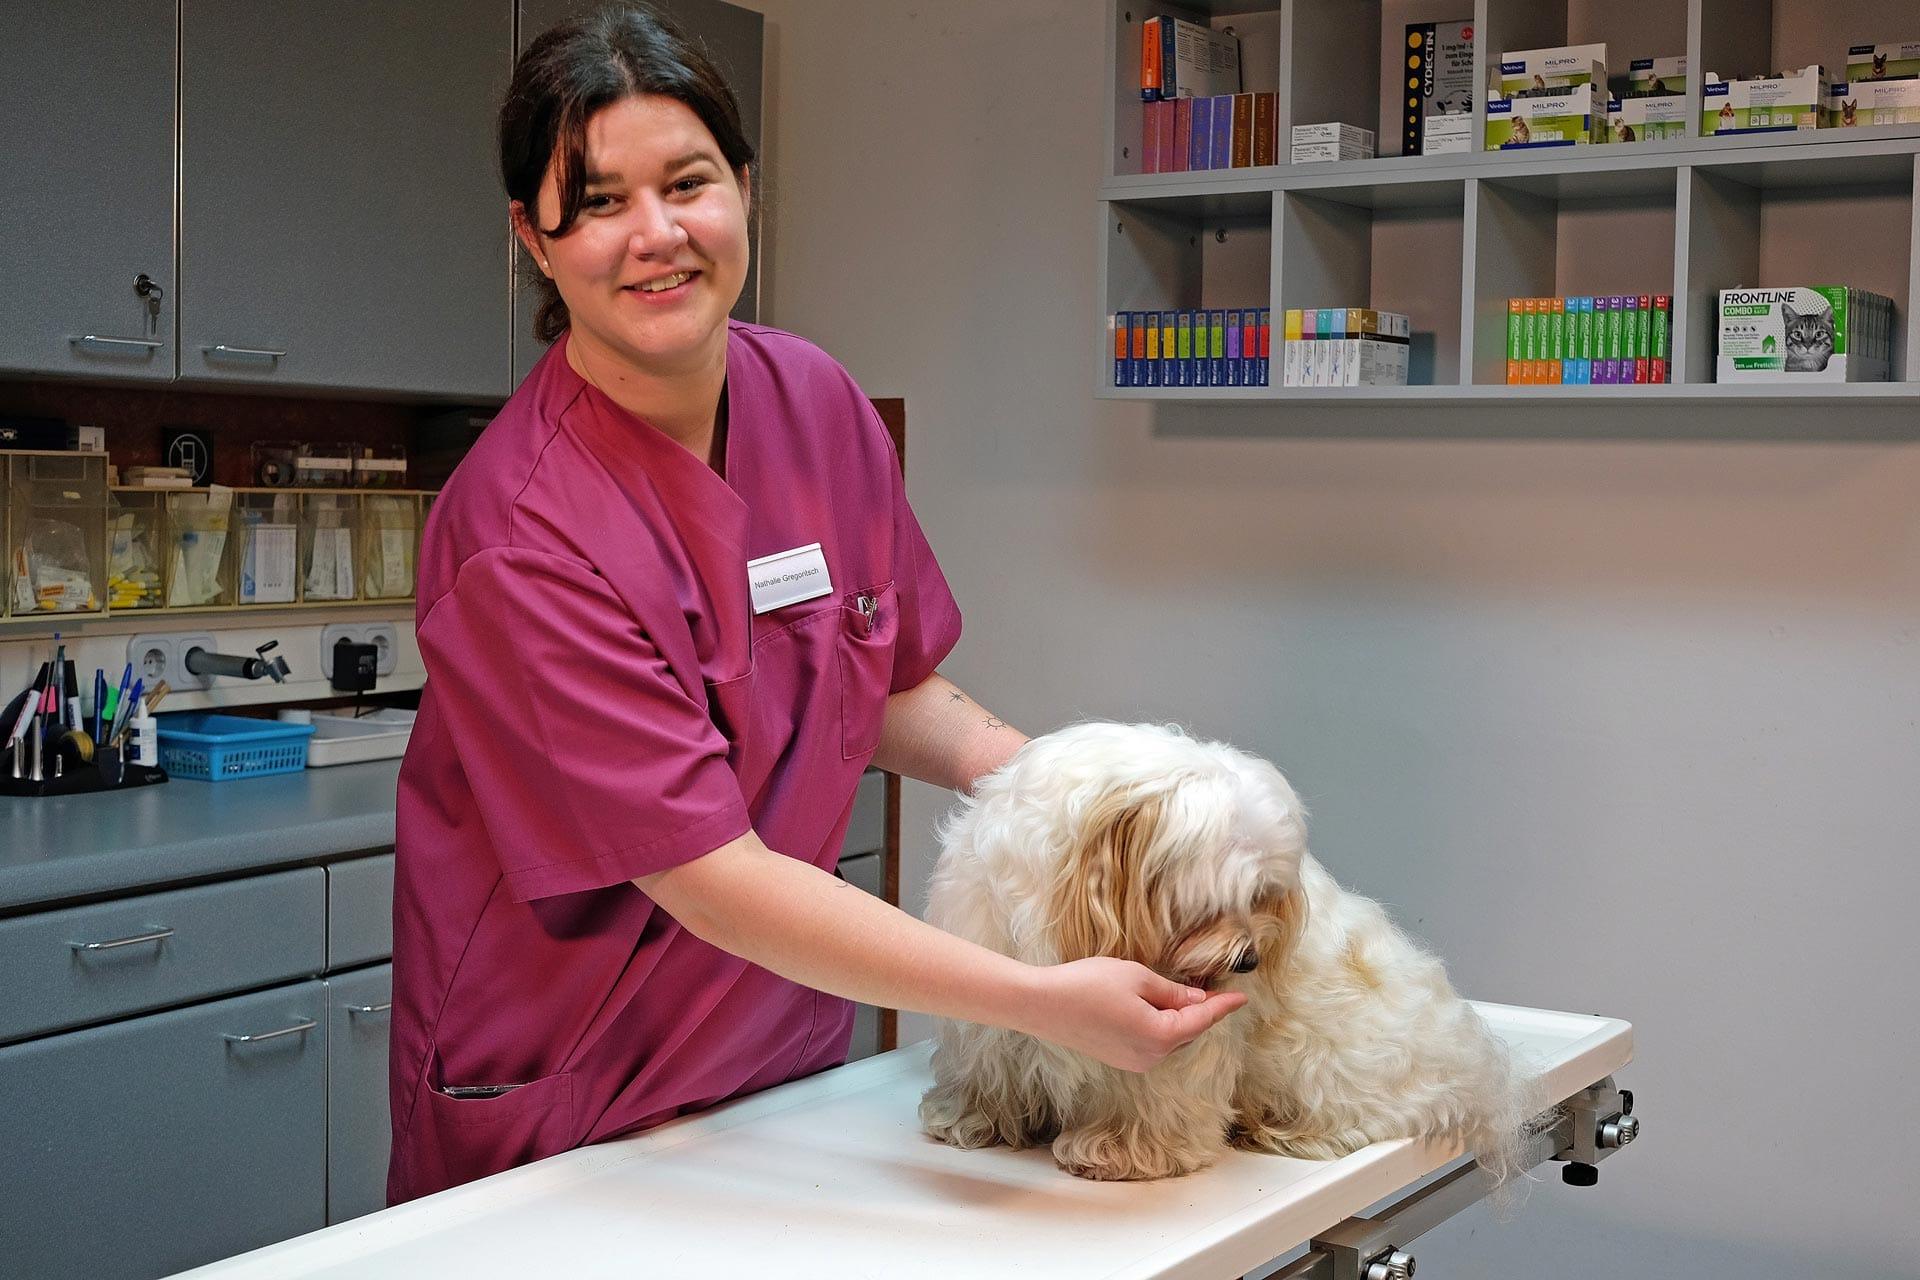 Hund sitzt am Untersuchungstisch. Helferin hält den Patienten.